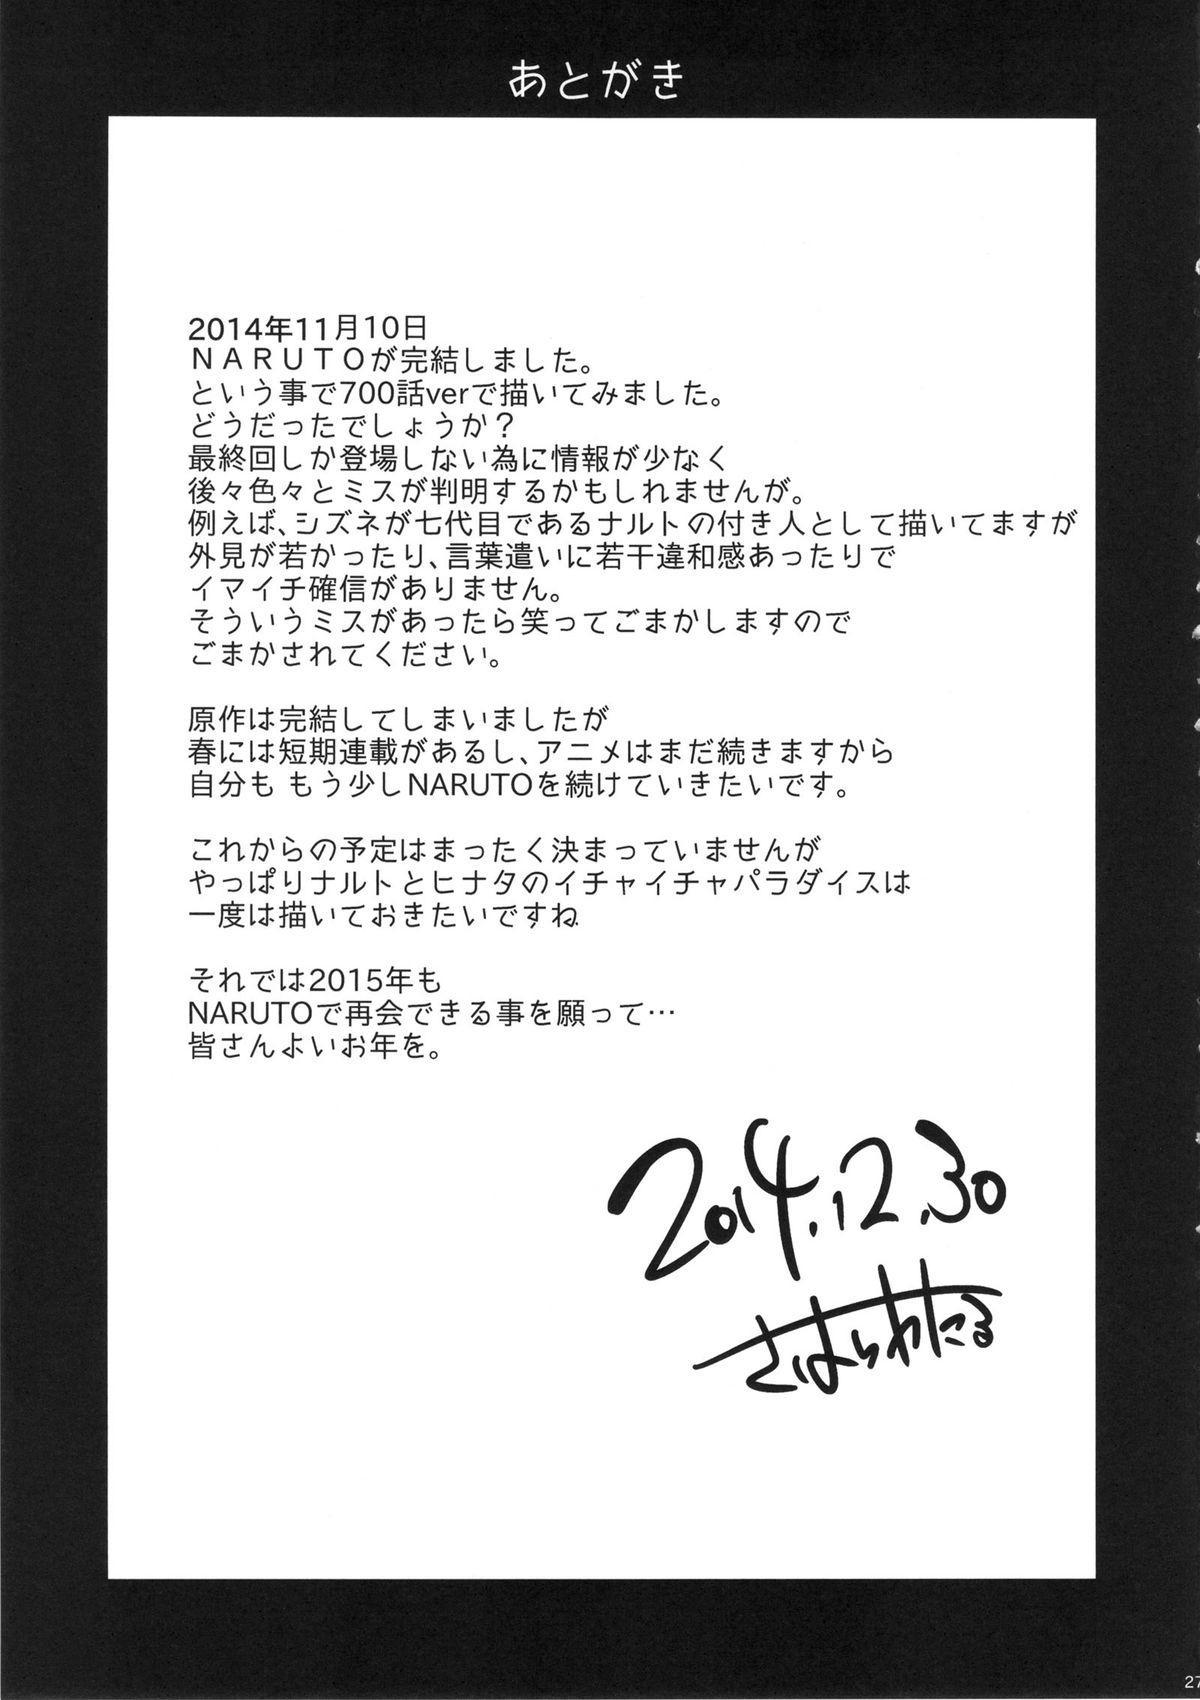 C87) [Karakishi Youhei-dan Shinga (Sahara Wataru)] Konoha Donburi (Naruto) [English] [desudesu] 25